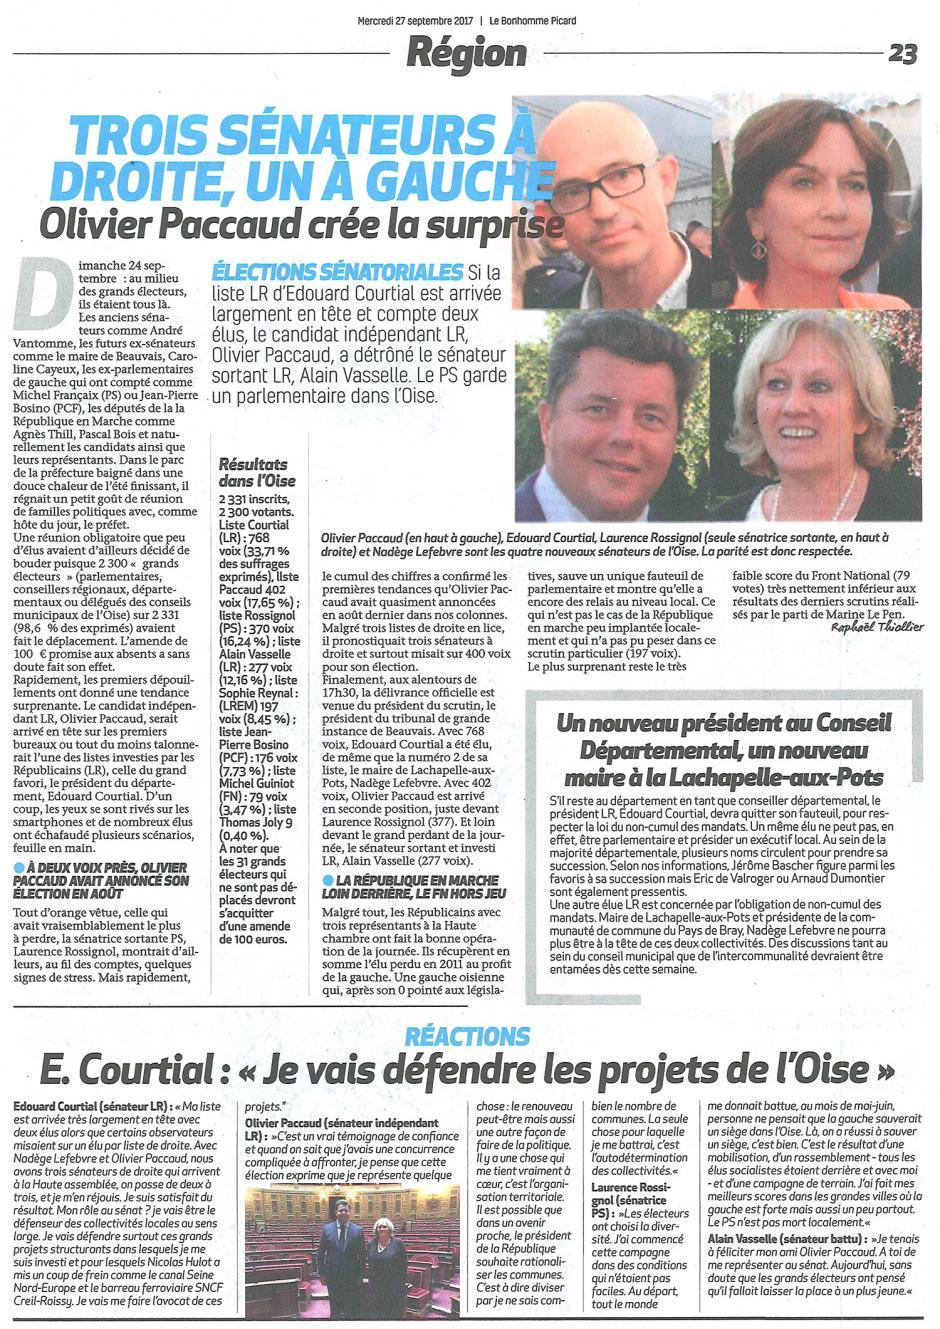 20170927-BonP-Oise-S2017-Trois sénateurs à droite, un à gauche